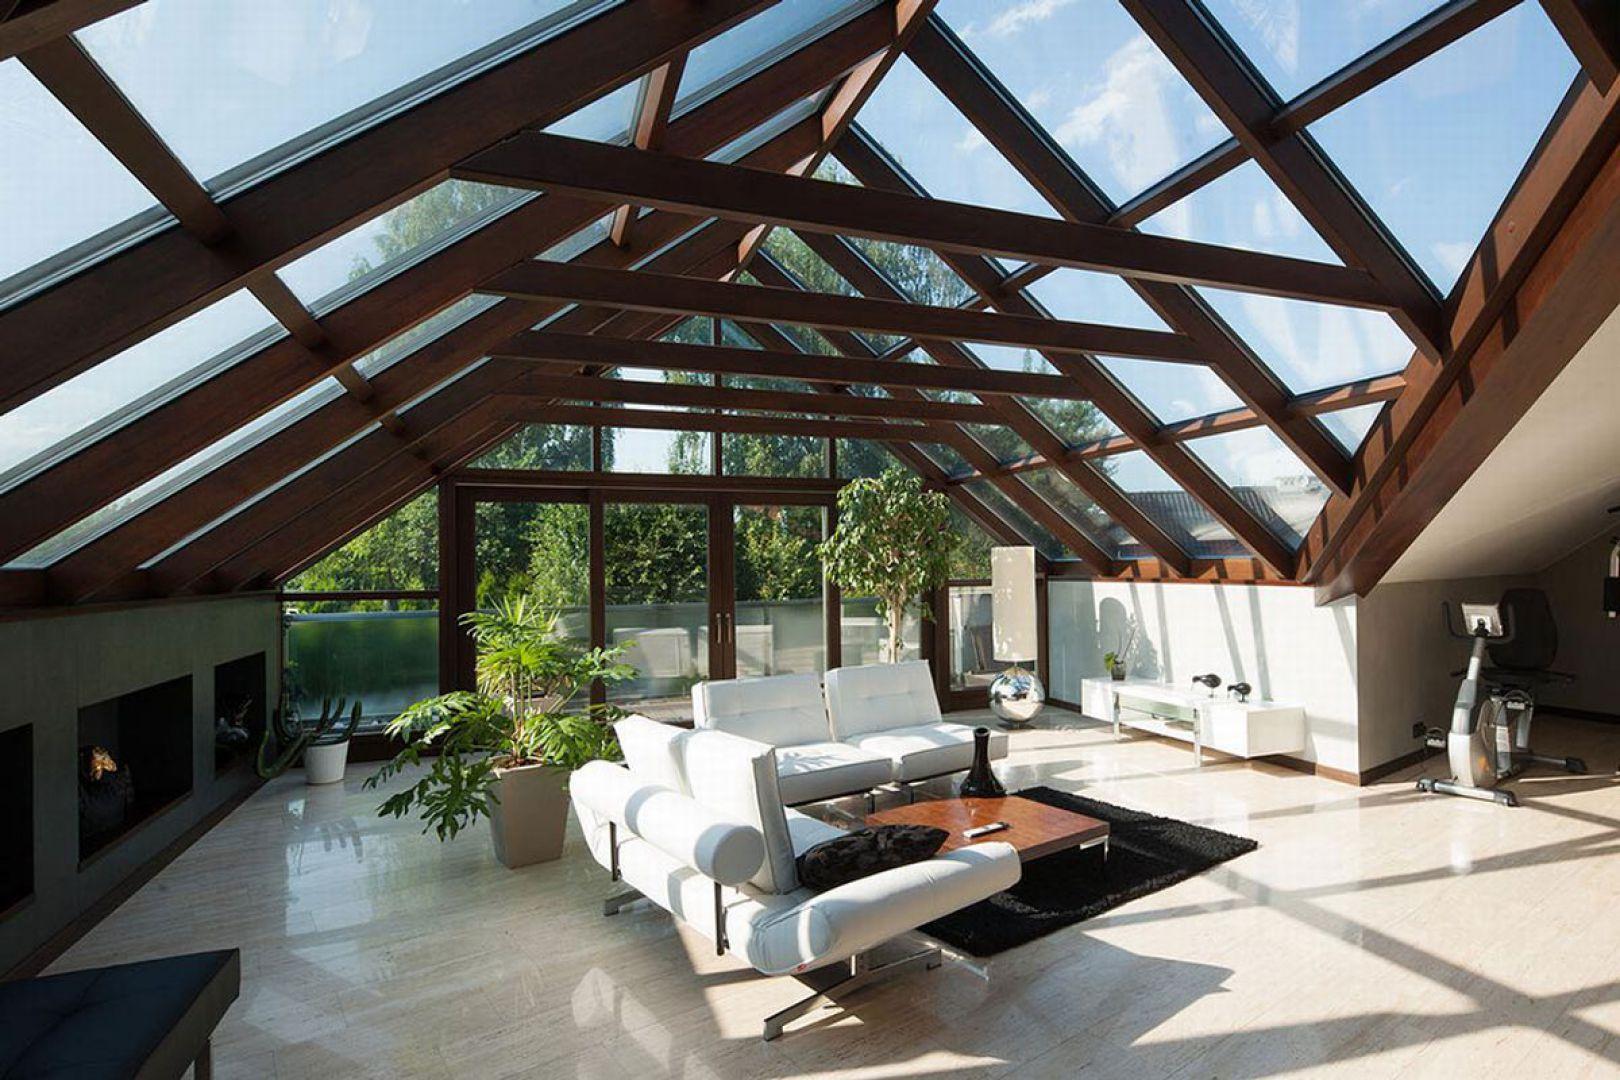 Jasne meble i kremowe płytki podłogowe doskonale prezentują się na tle ciemnej drewnianej konstrukcji dachu.